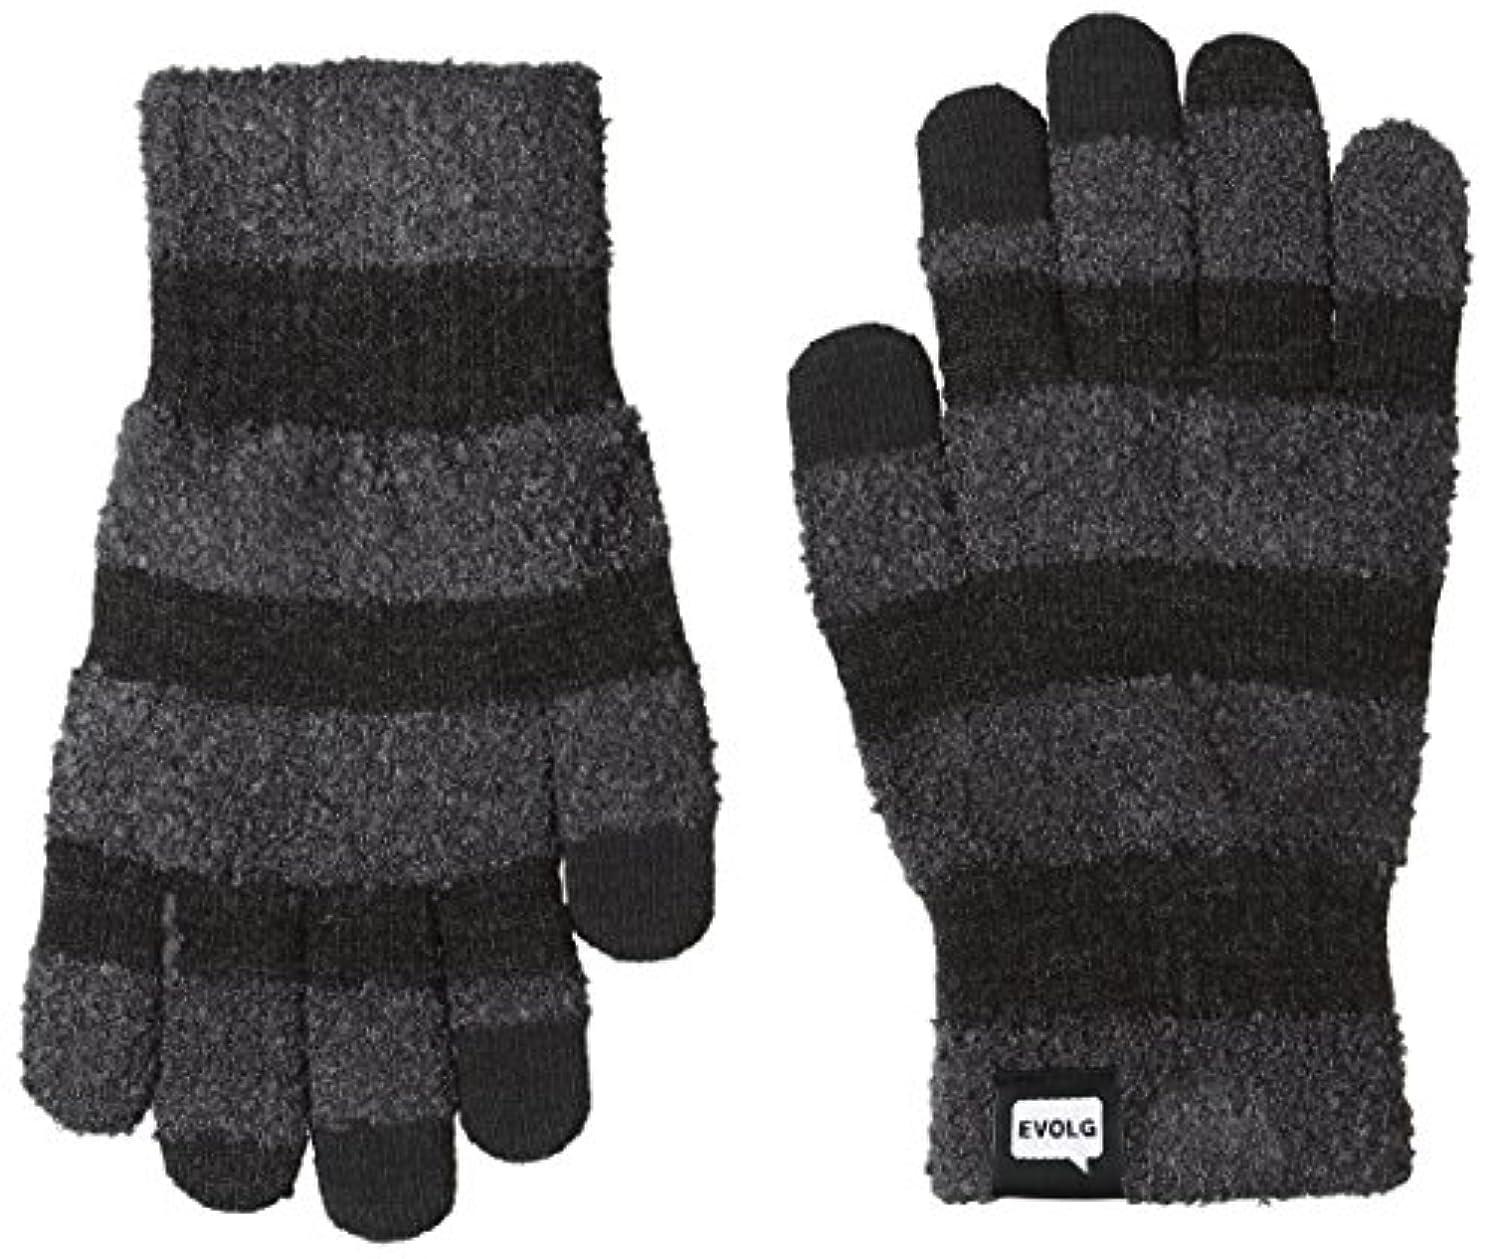 走る厳駐地(エヴォログ)Evolg MC. 液晶タッチ対応手袋 LET 2306 [メンズ]